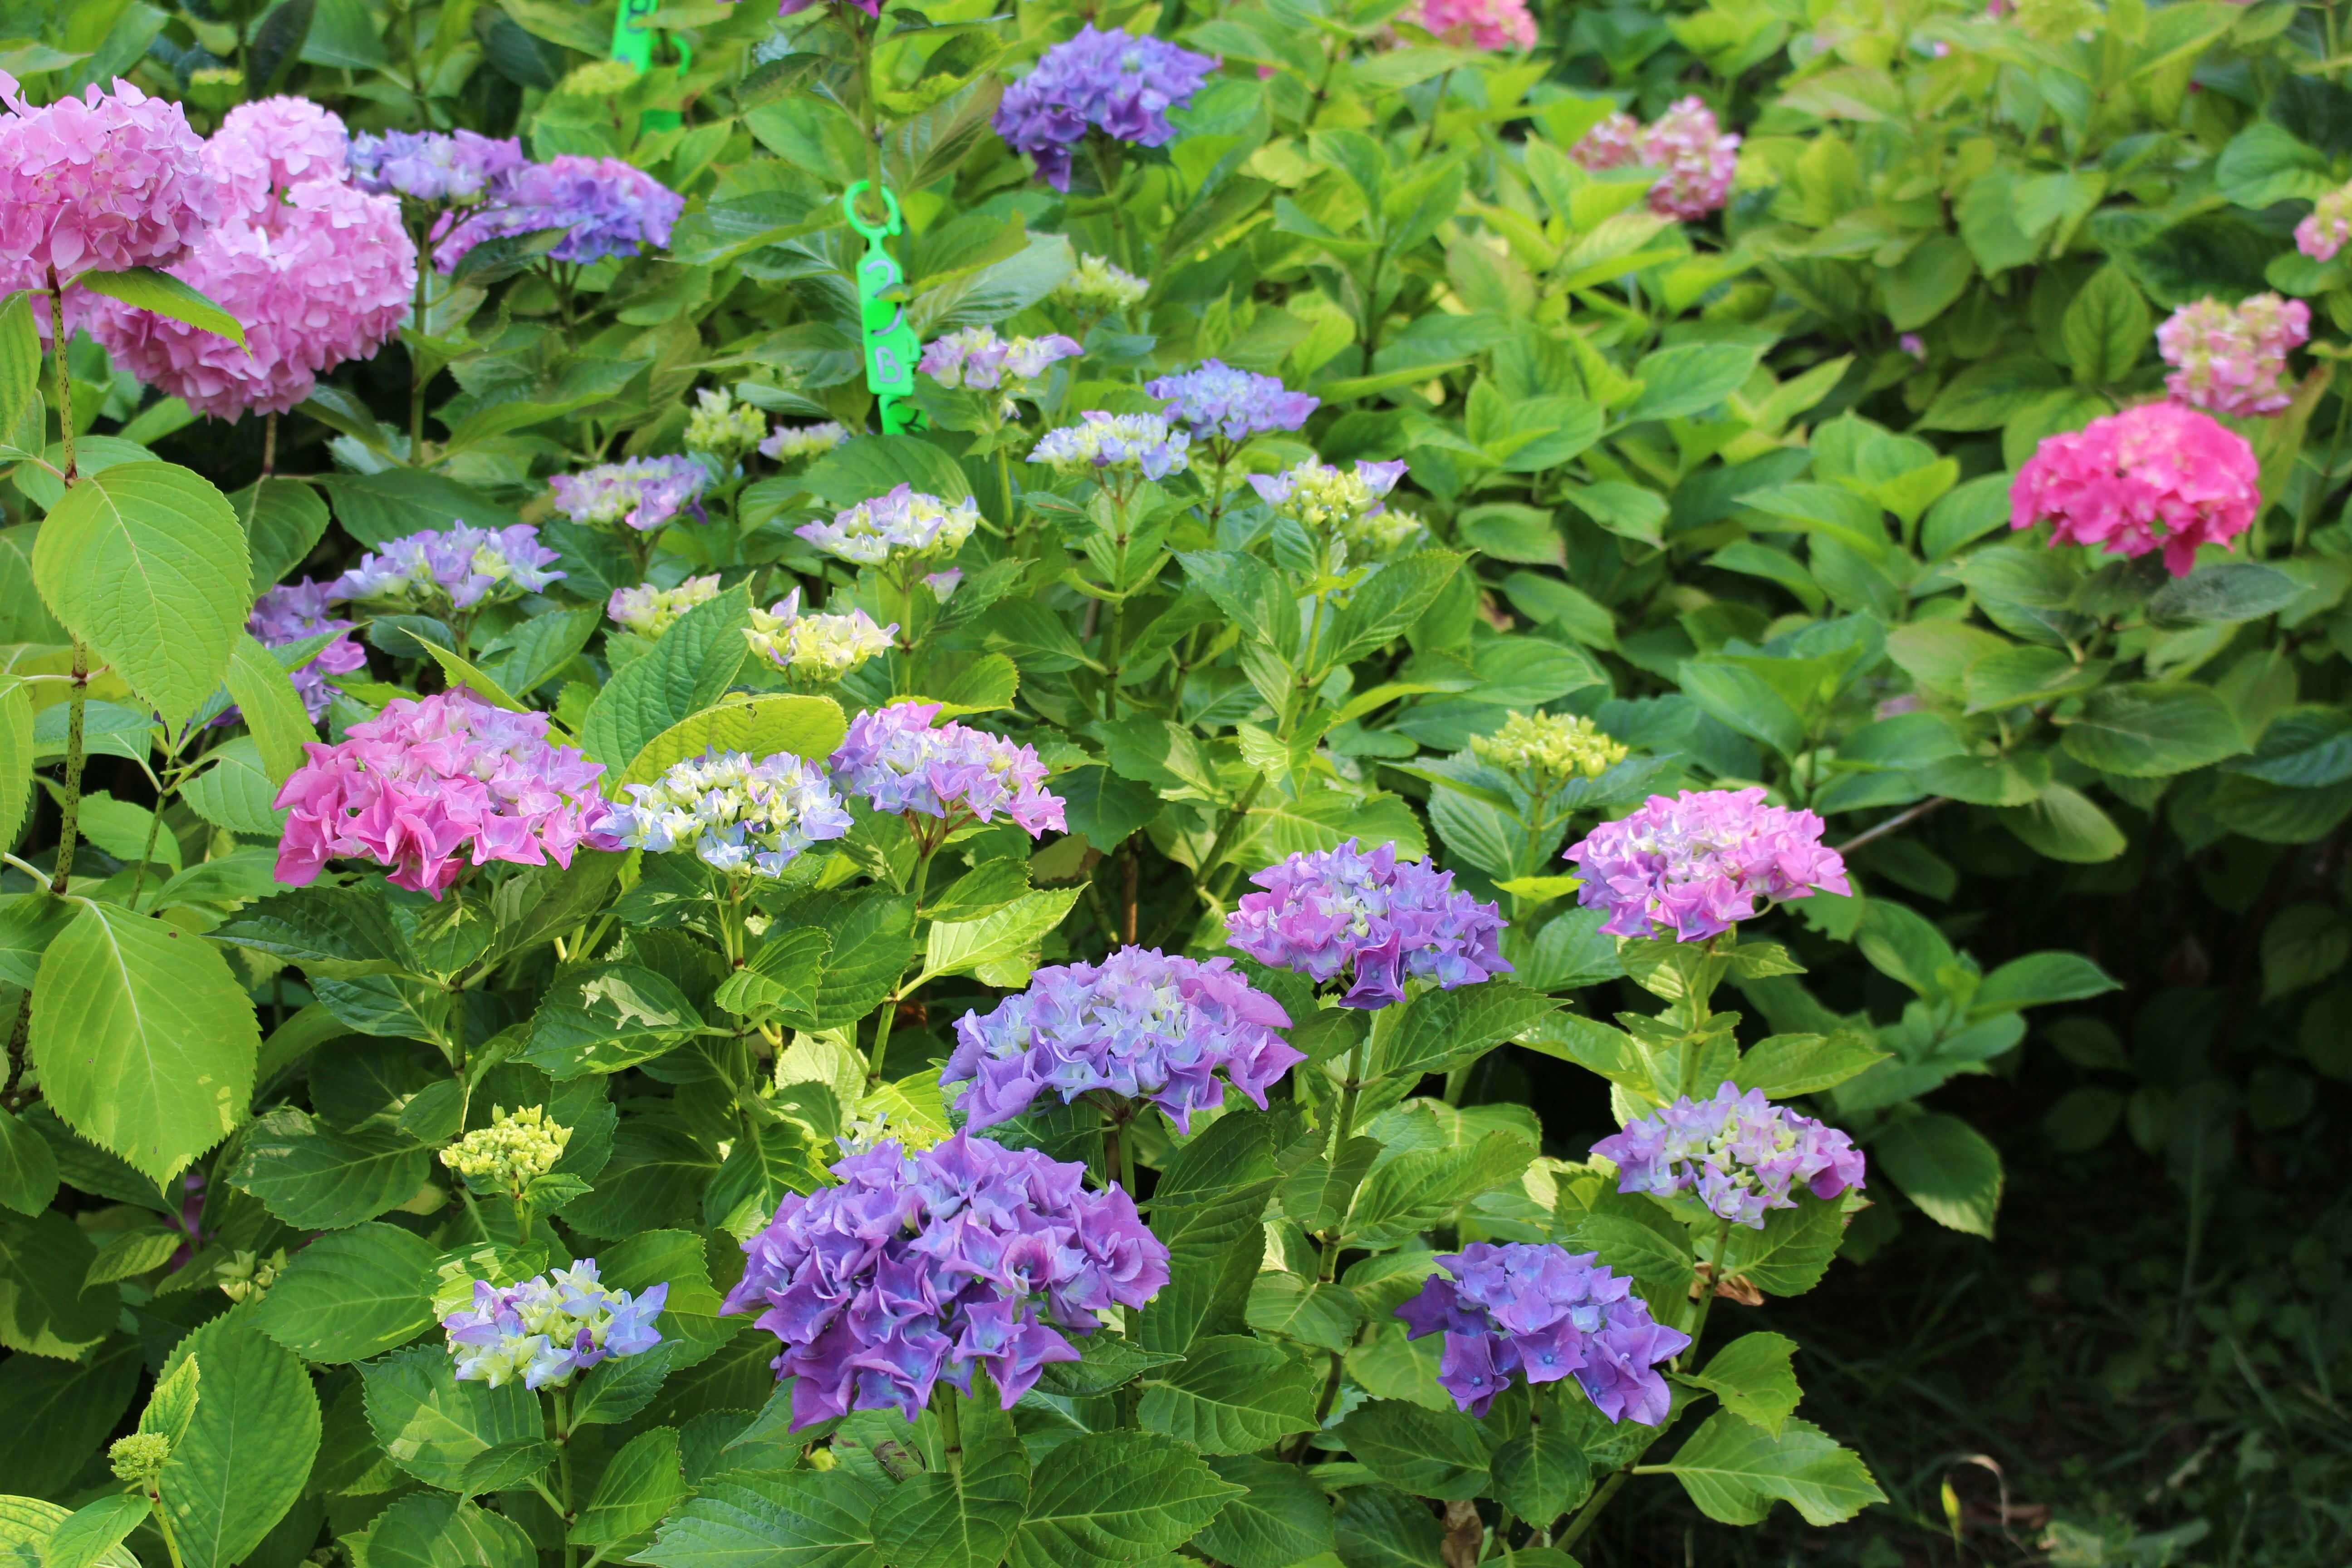 Godere dei colori di un giardino racconti e ortensie - Ortensie colori ...